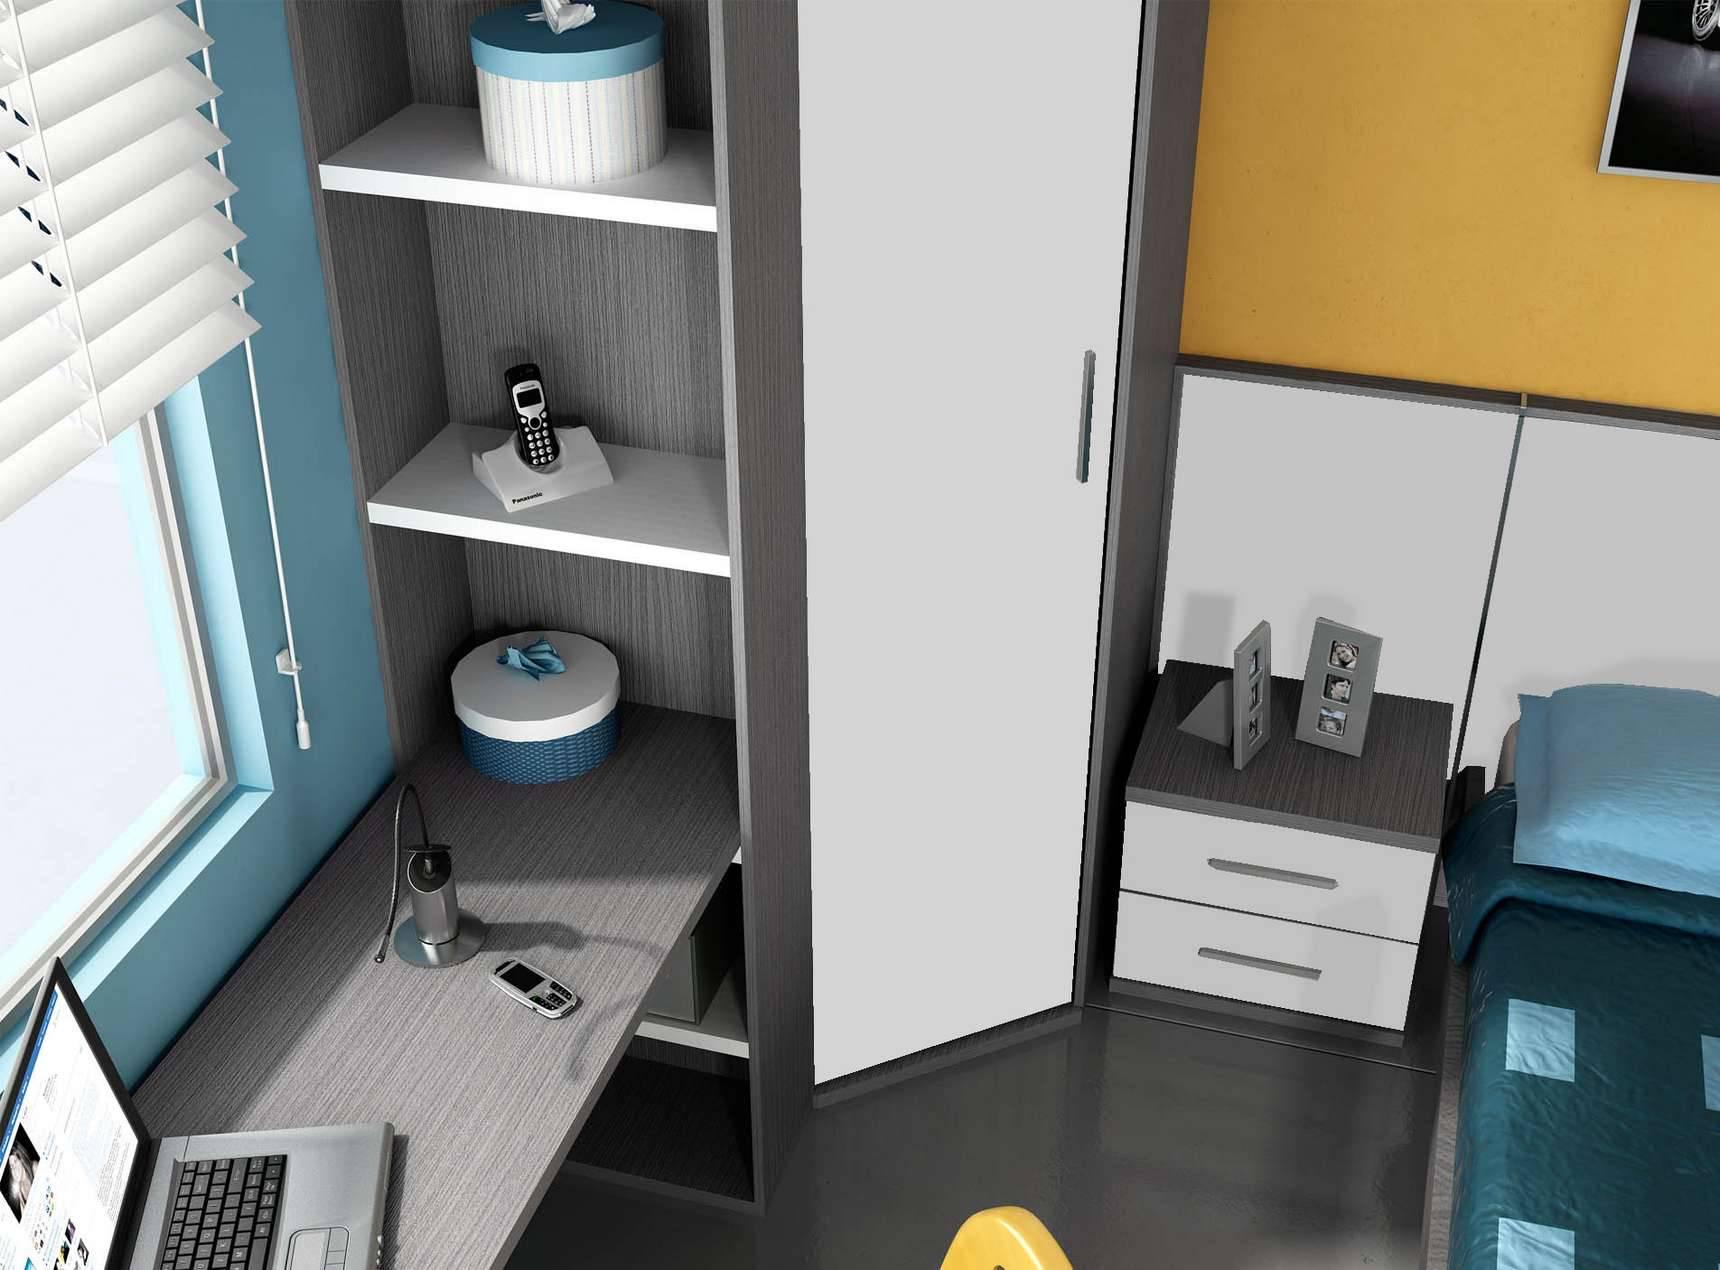 Armario Garaje Ikea ~ Idehábita juvenil armario rincón chaflán, cabecero corrido y escritorio